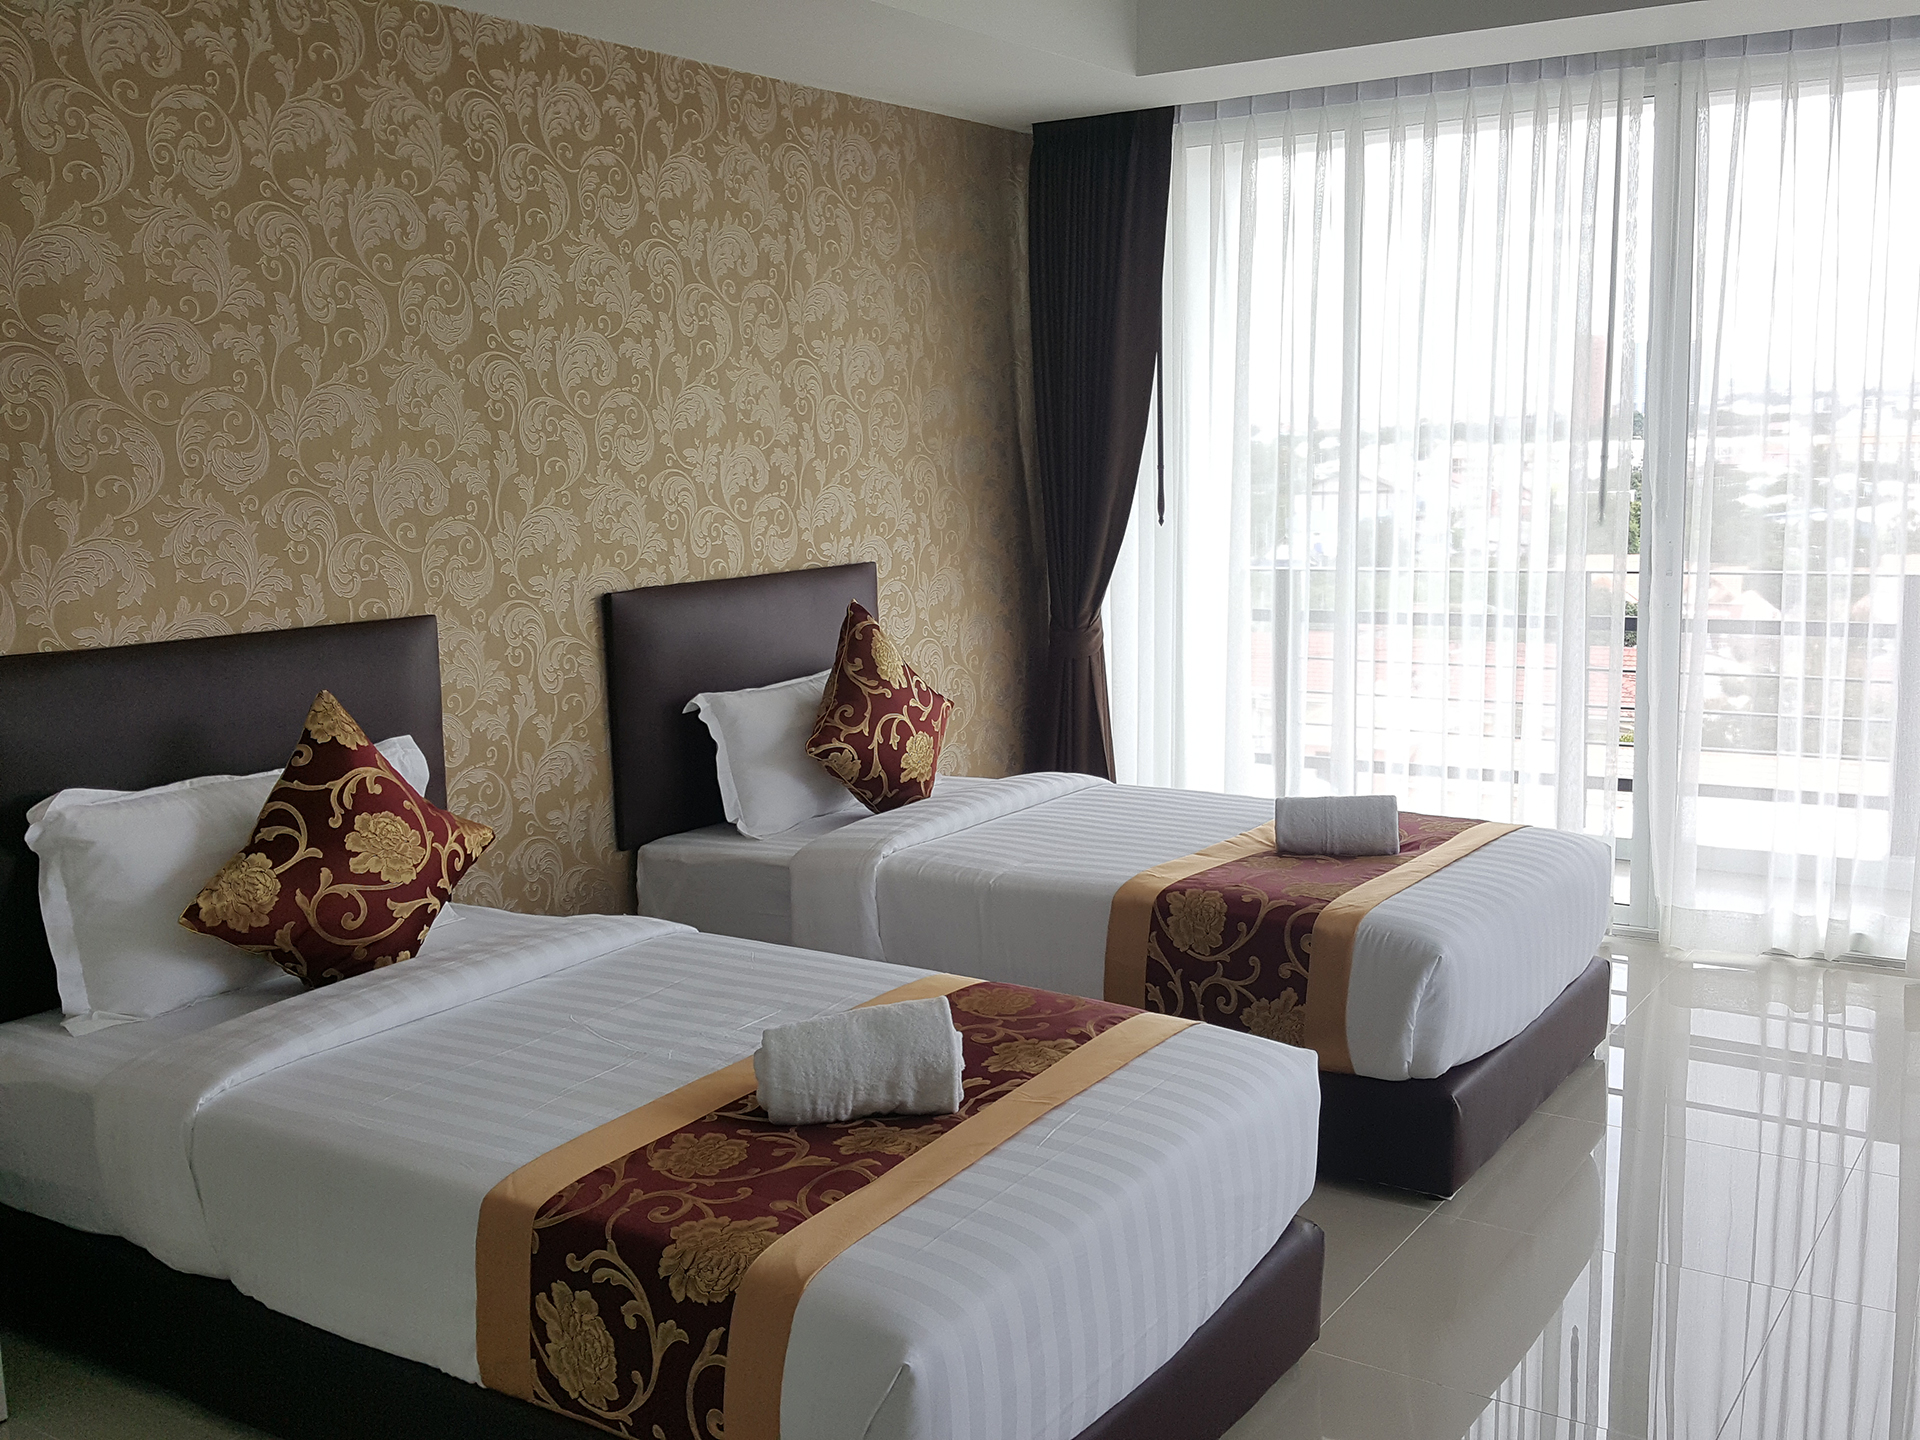 http://retreat-resort.com/images/retreat-resort/our-rooms/Bedroom.jpg